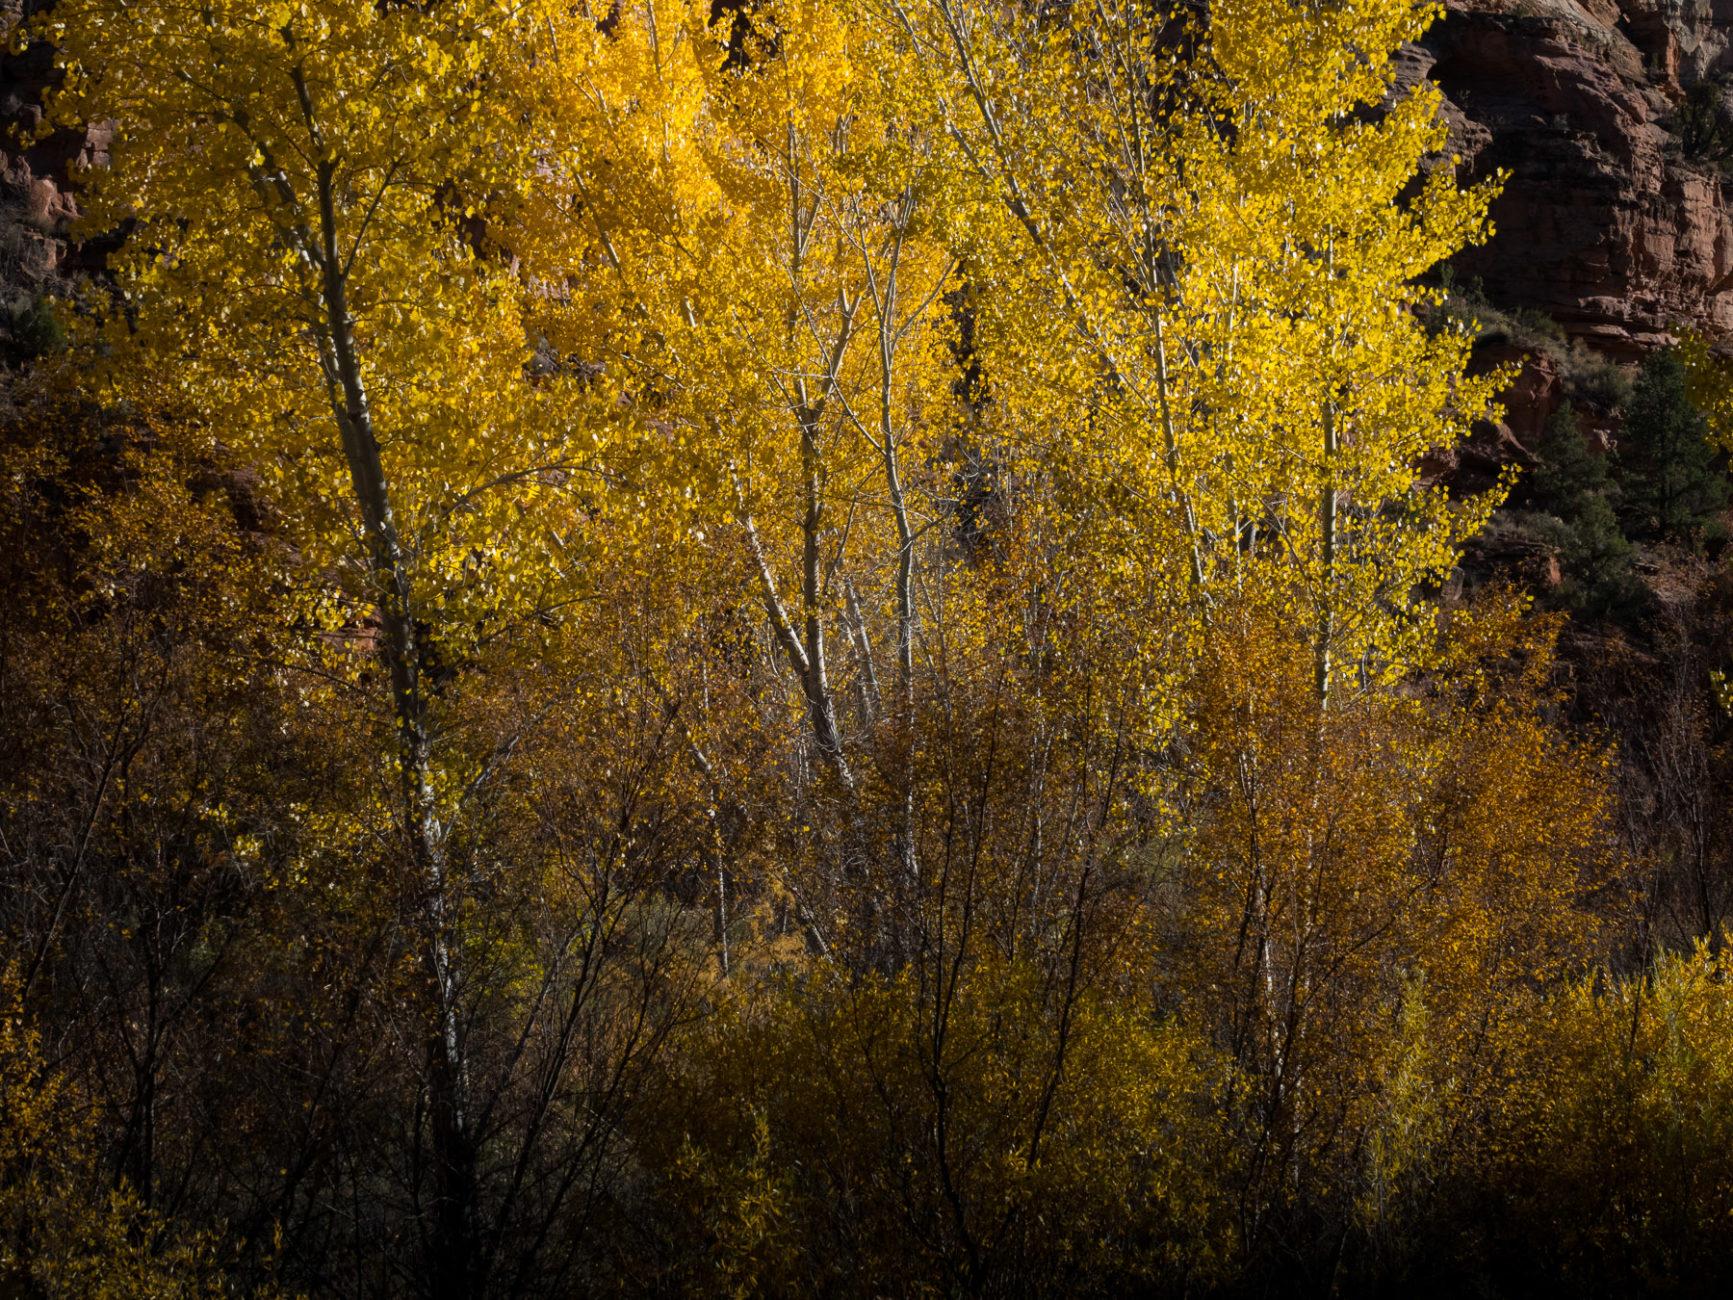 Herbstliche Aspentrees